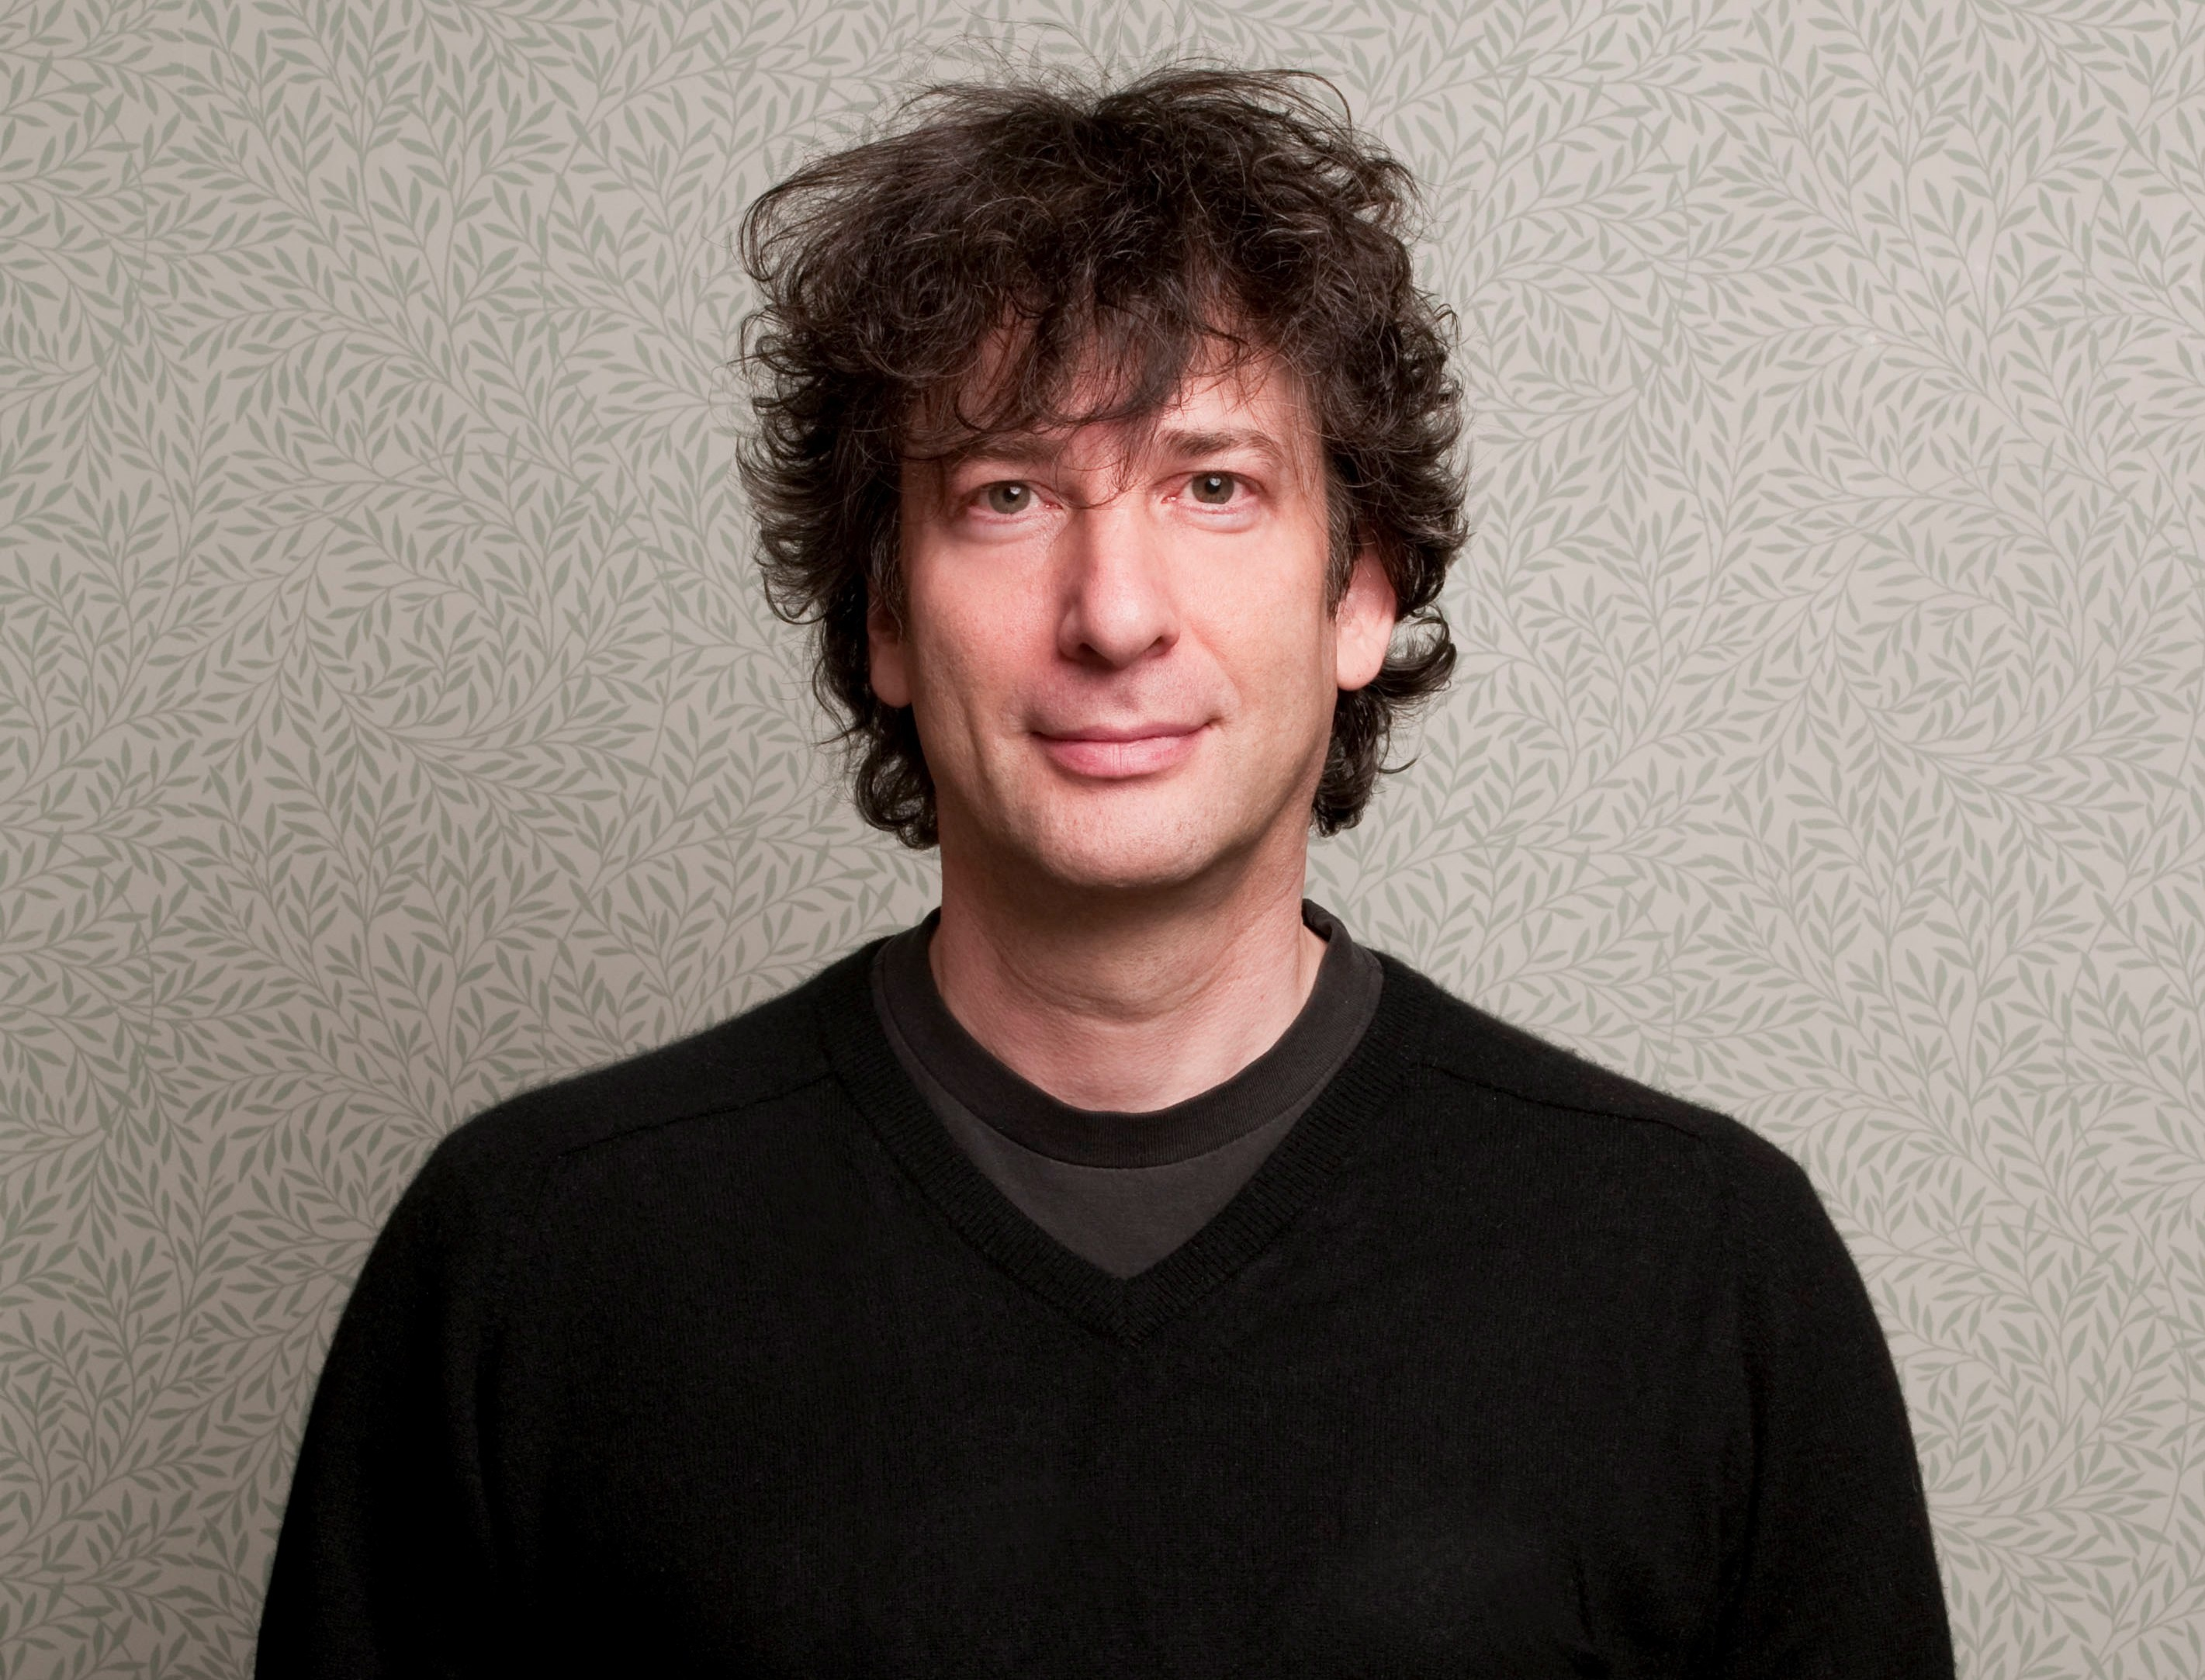 Neil Gaiman High Definition Wallpapers